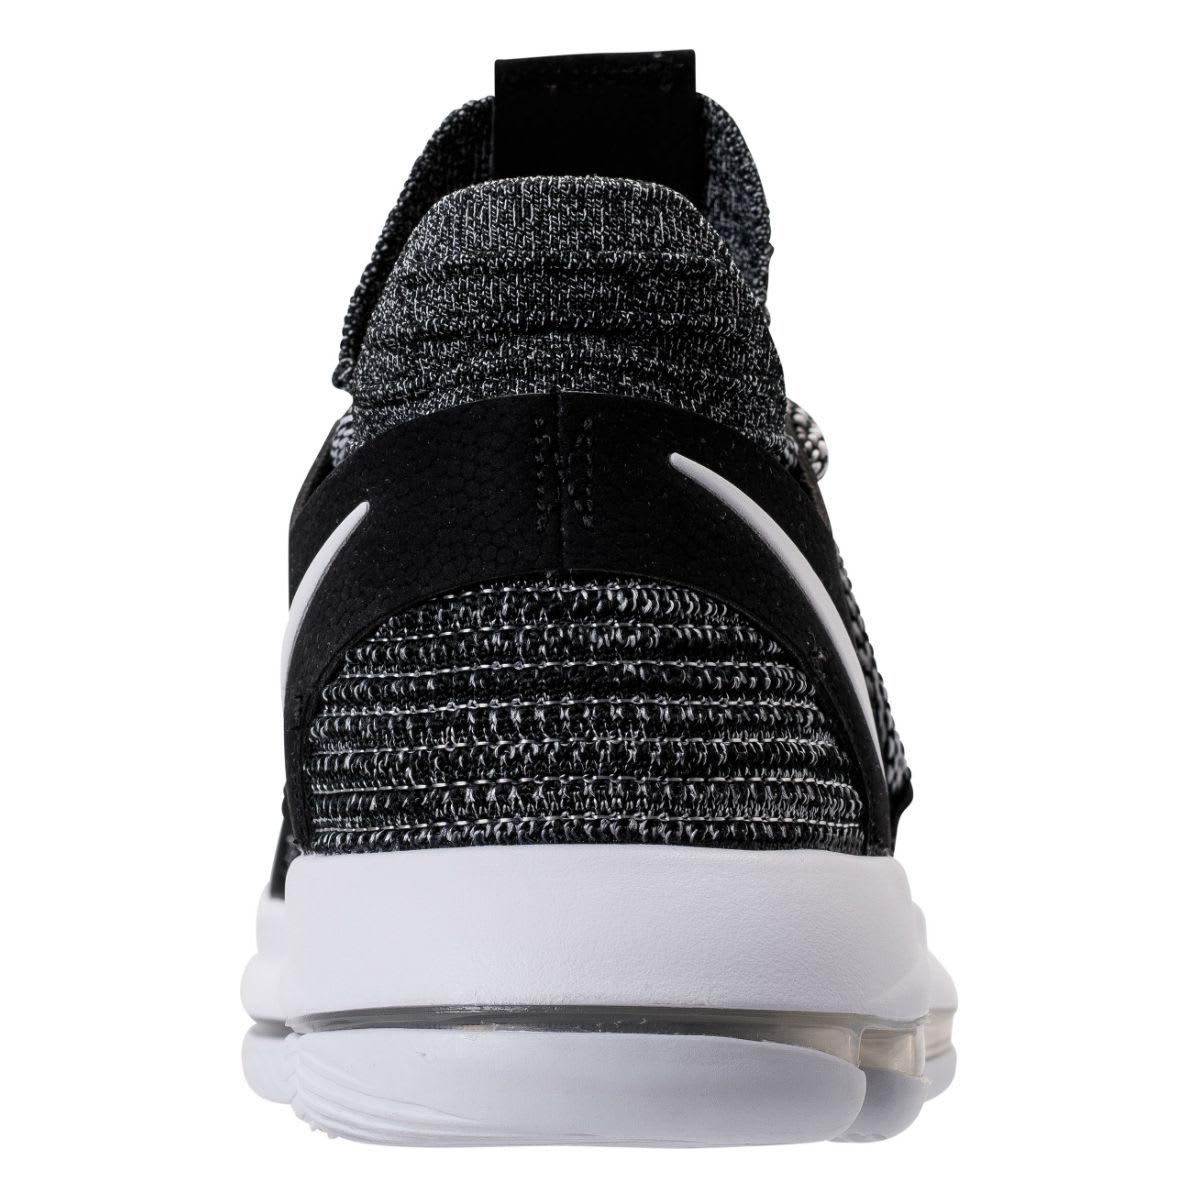 Nike KD 10 Oreo Release Date Heel 897815-001